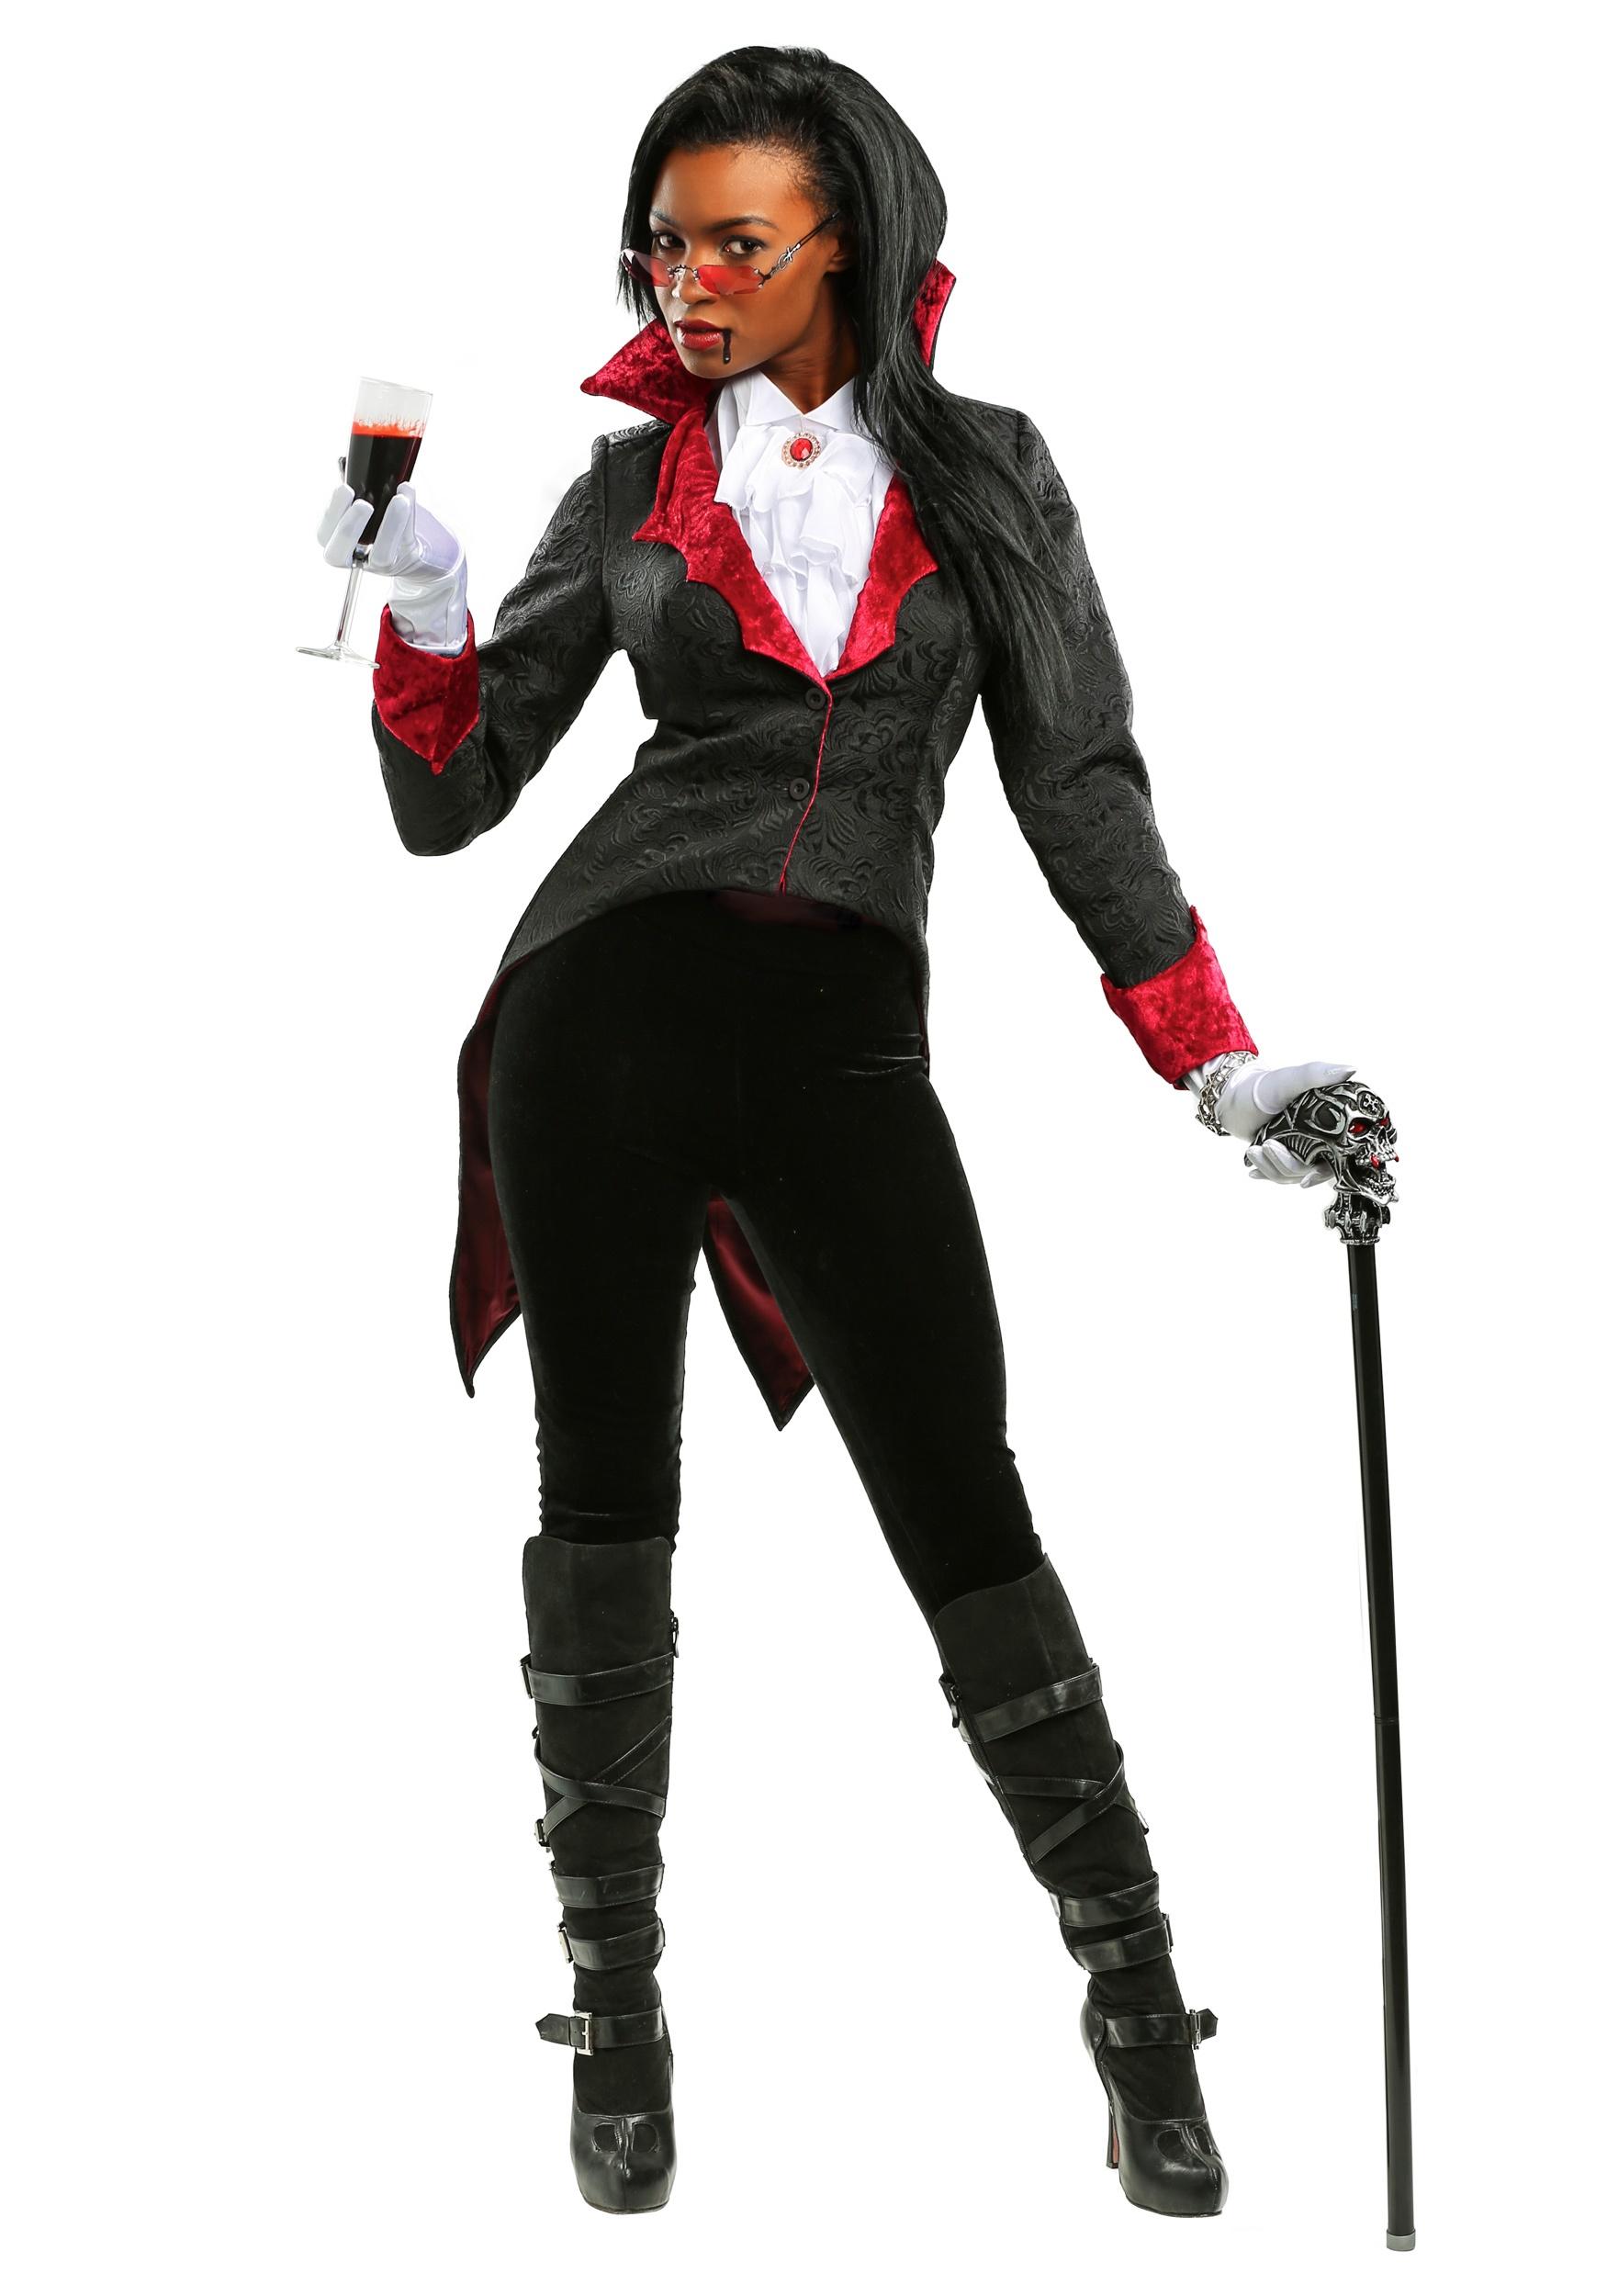 f351a4b231 Women's Dashing Vampiress Costume